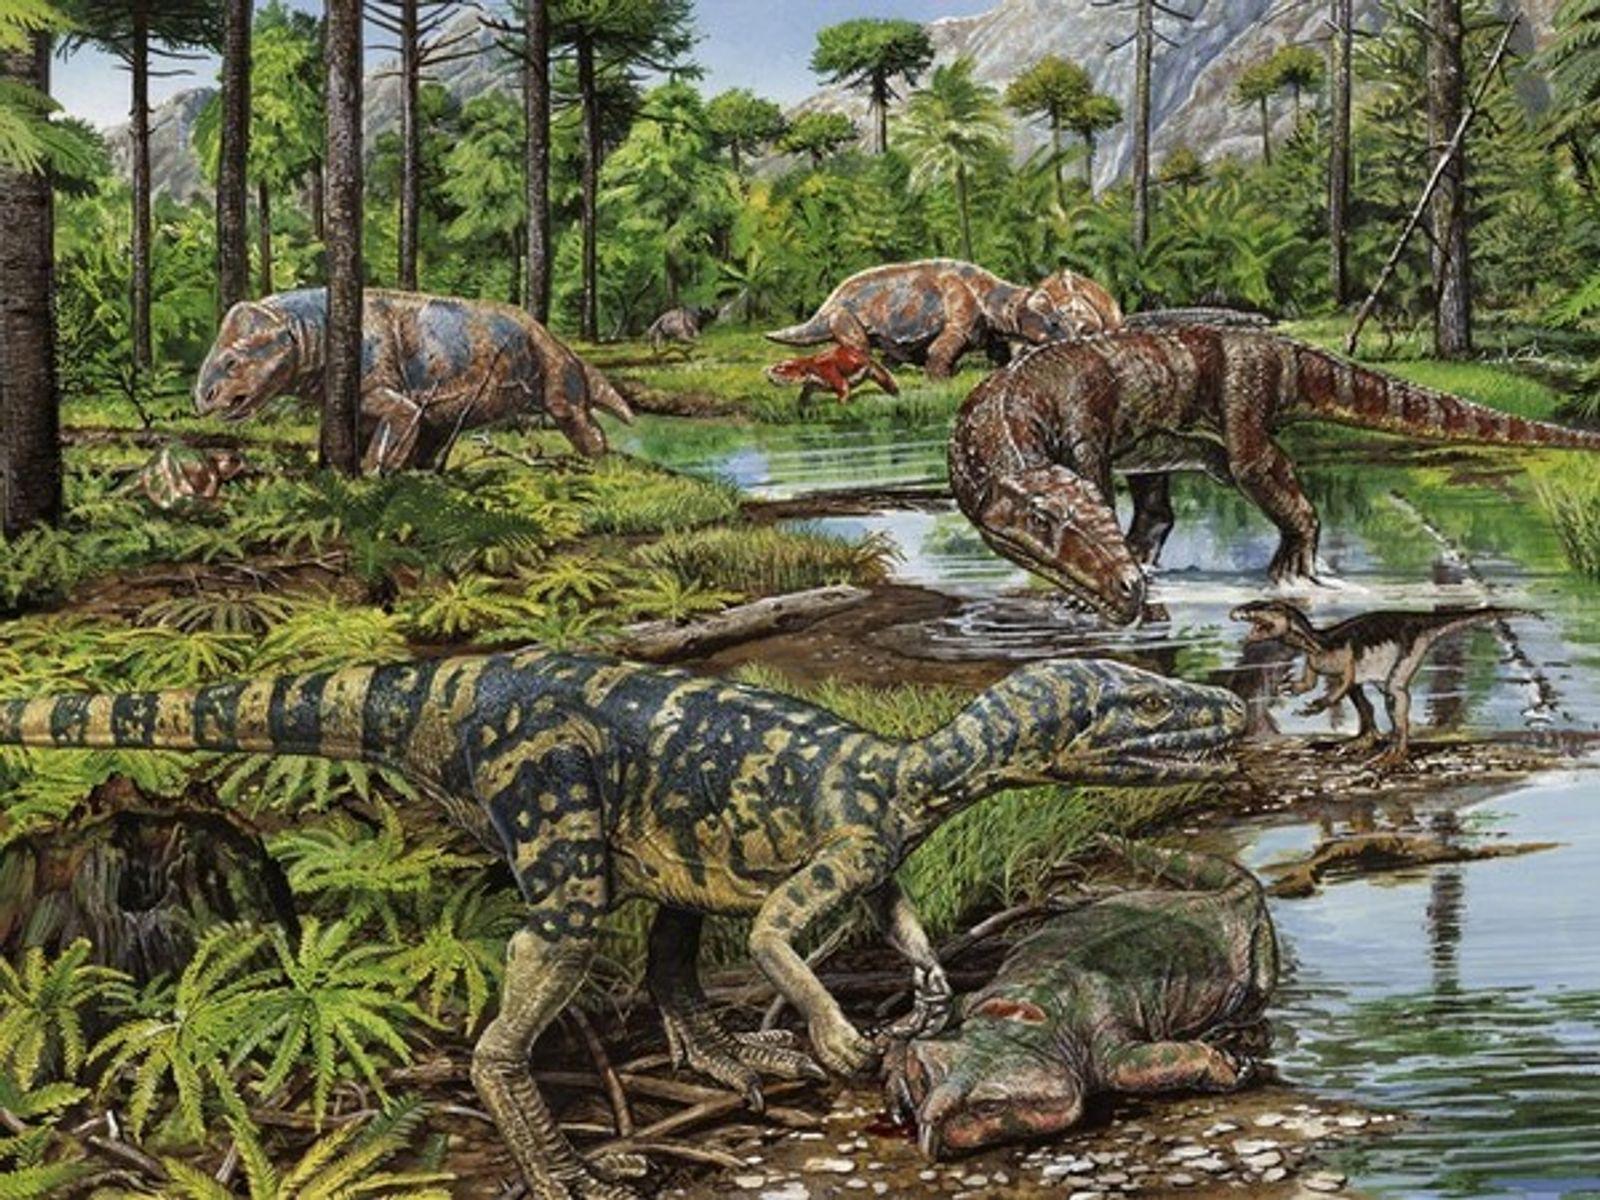 La Extincion De Los Dinosaurios National Geographic Los dinosaurios de juguete son nuestra pasión, comienza tu colección con un dinosaurio schleich elige el tuyo en nuestra selección de dinosaurios de juguete de marketlace, y adentrarte en un. la extincion de los dinosaurios